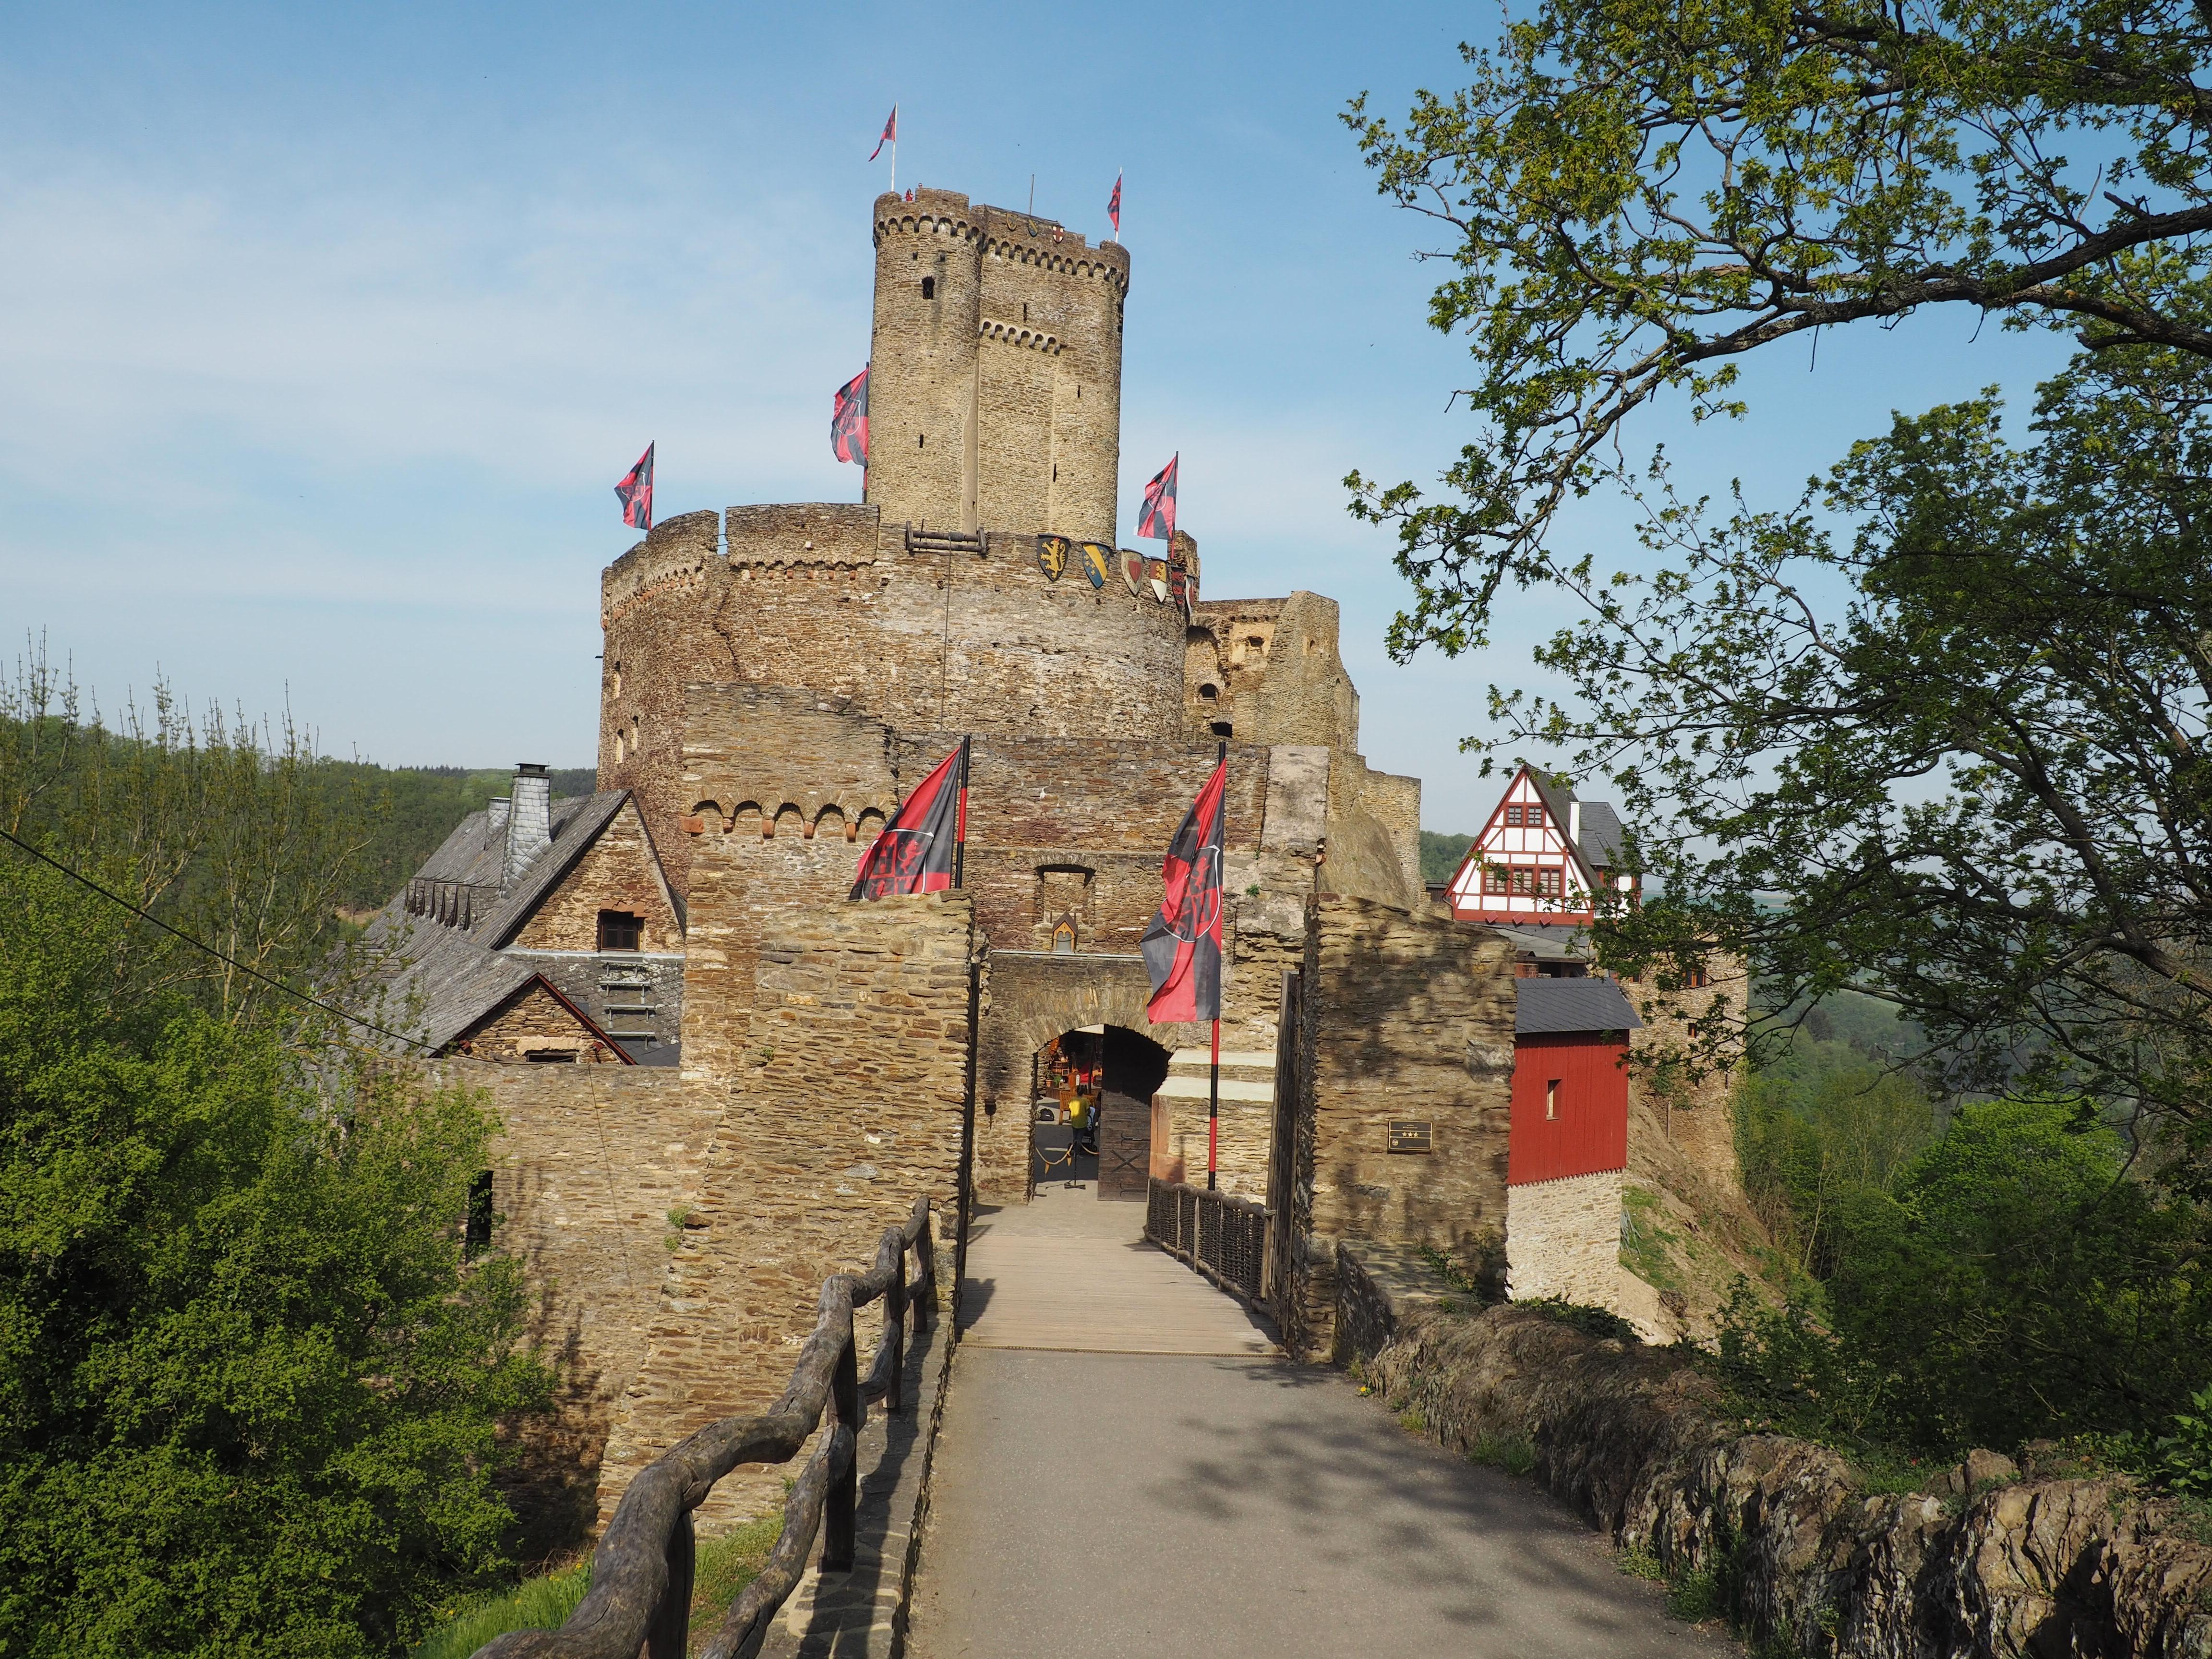 Erster Eindruck beim Burgerlebnis auf der Ehrenburg bei Brodenbach an der Mosel